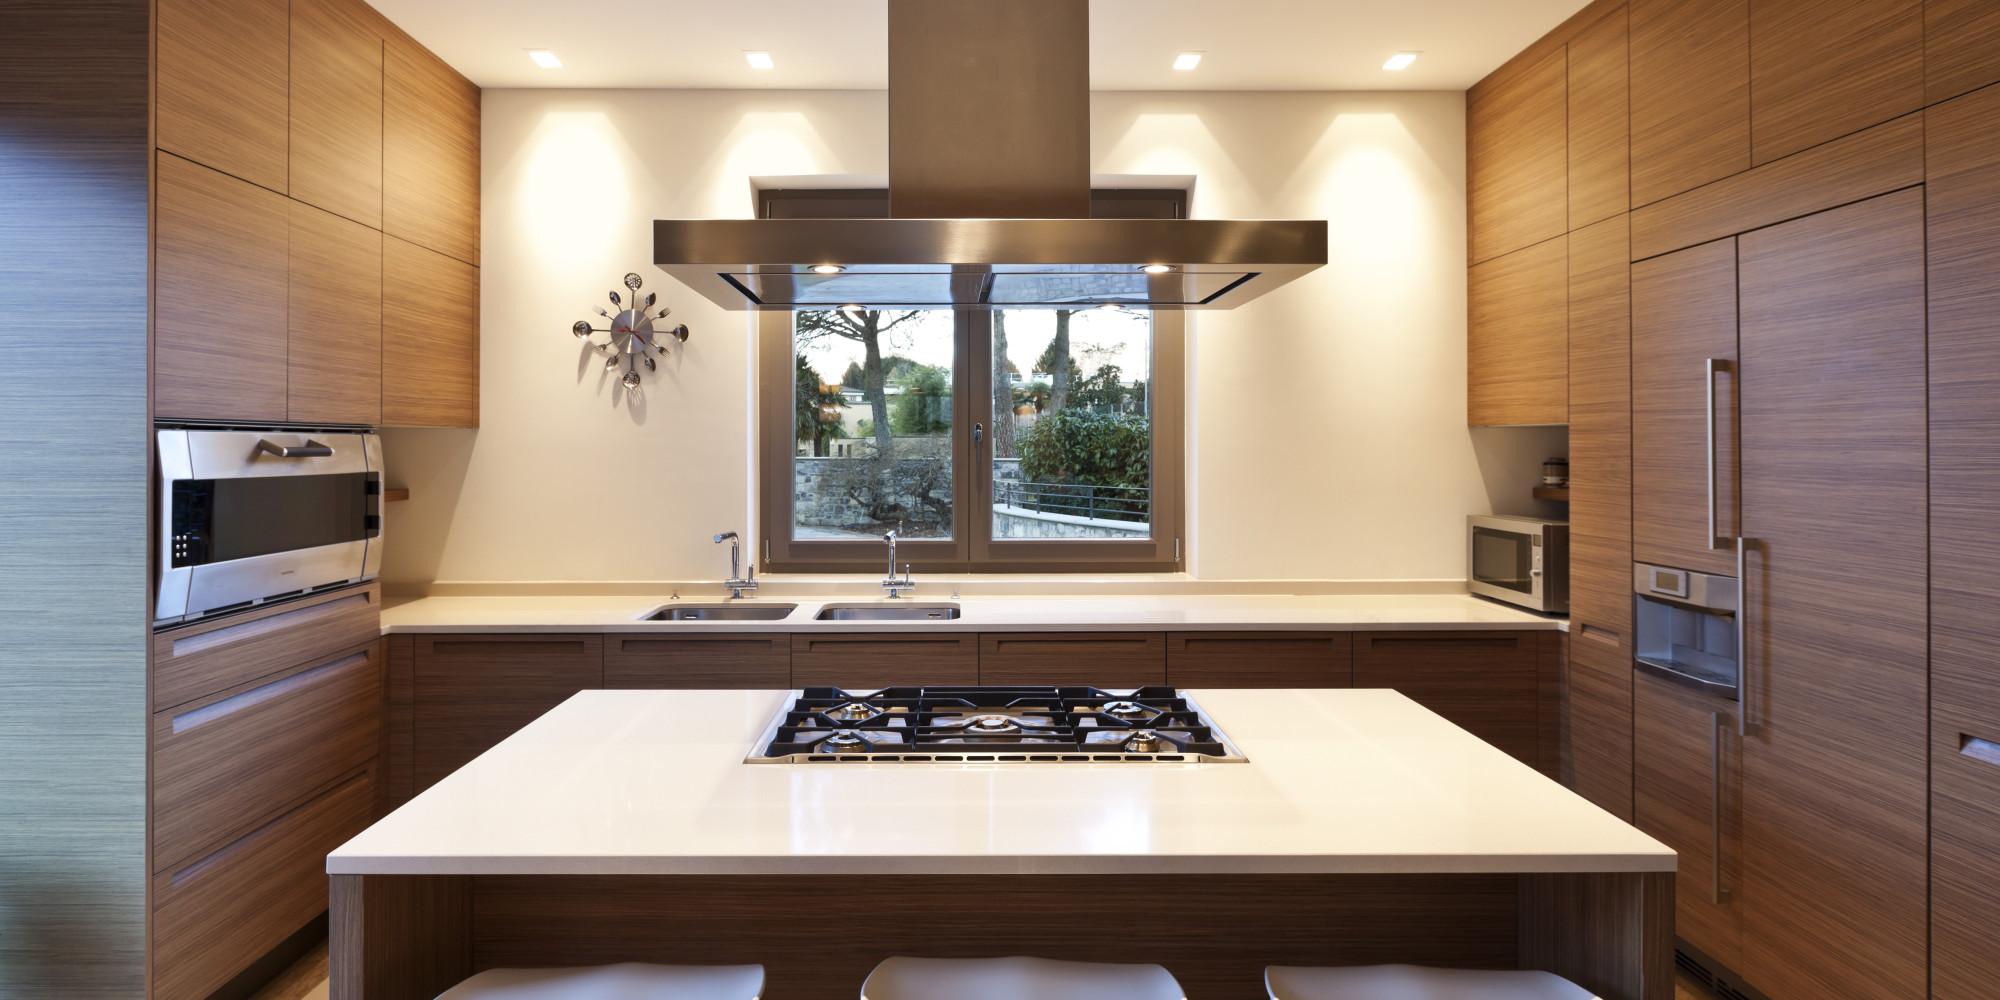 Best Kitchen Design App Uk